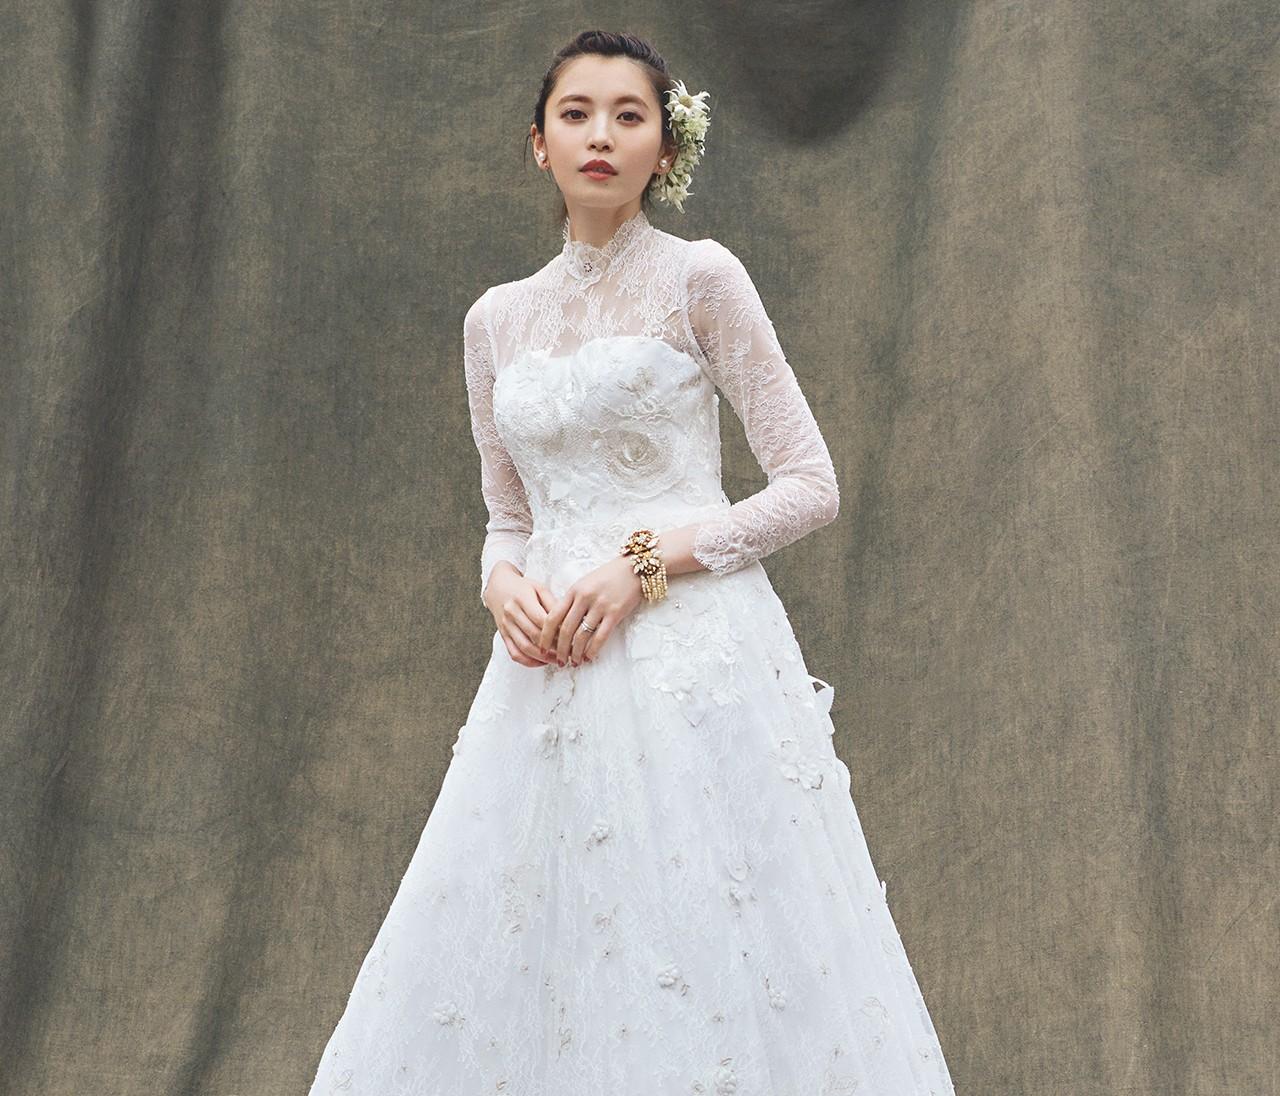 心を込めて作られ、選ばれた、祝福に満ちた愛されドレス